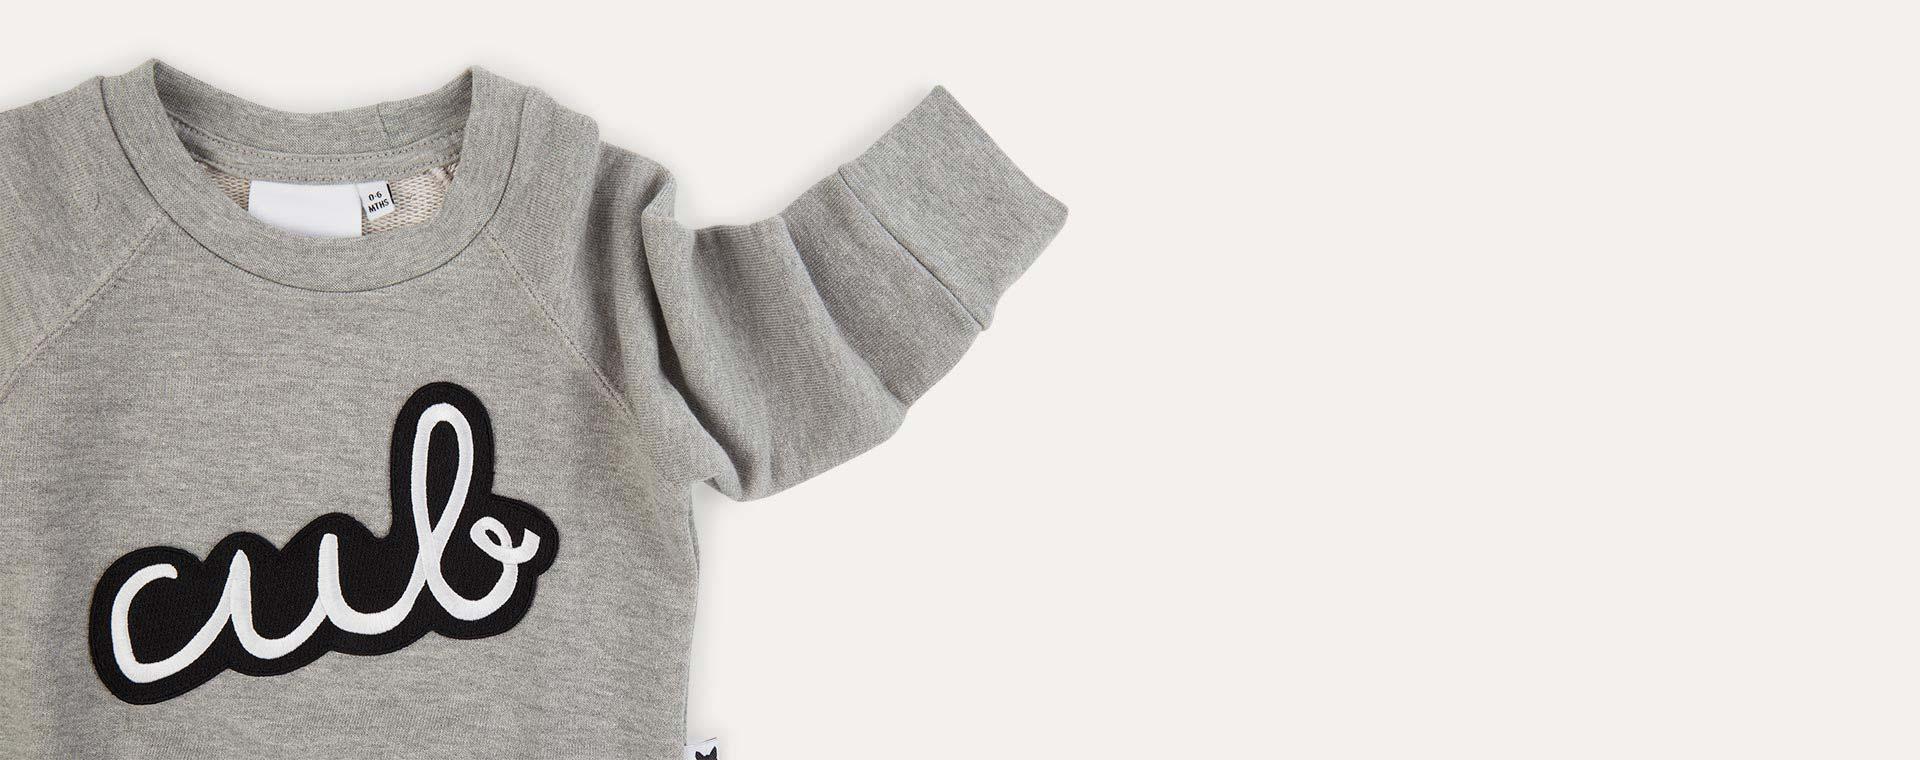 Grey tobias & the bear Icons Cub Sweatshirt